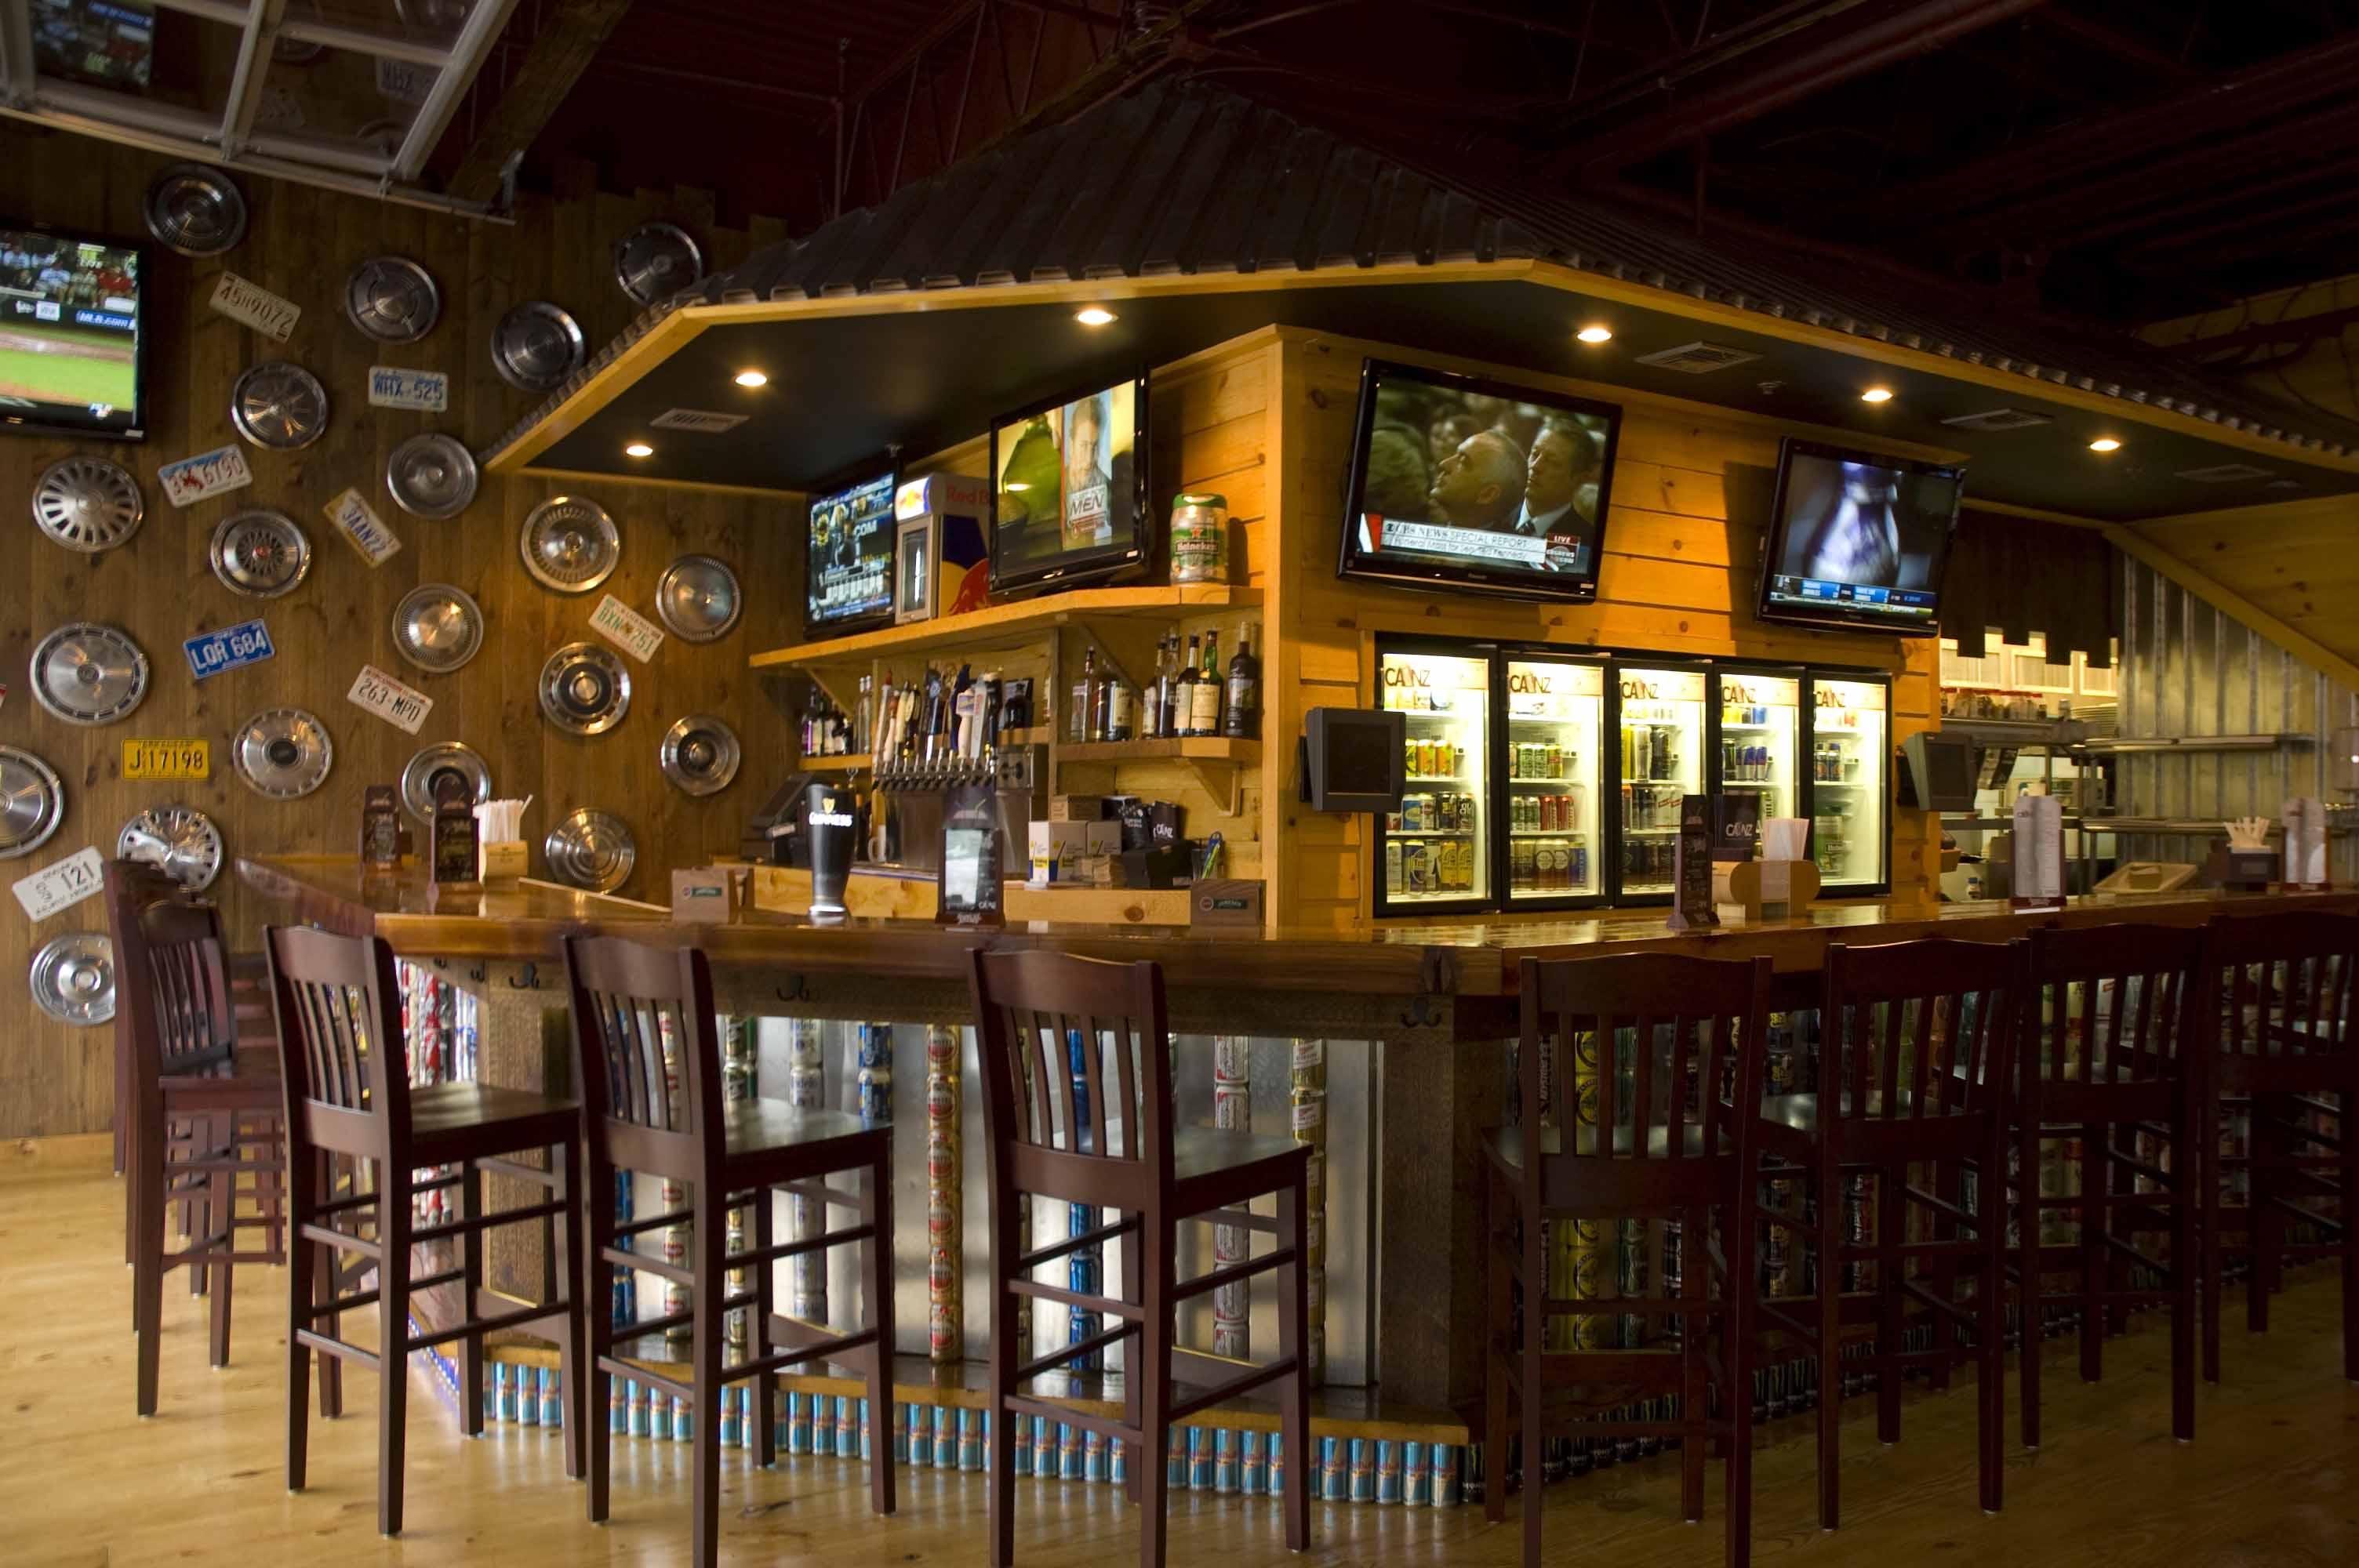 Canz Bar Amp Grill Westbury Bar Amp Grill Long Island